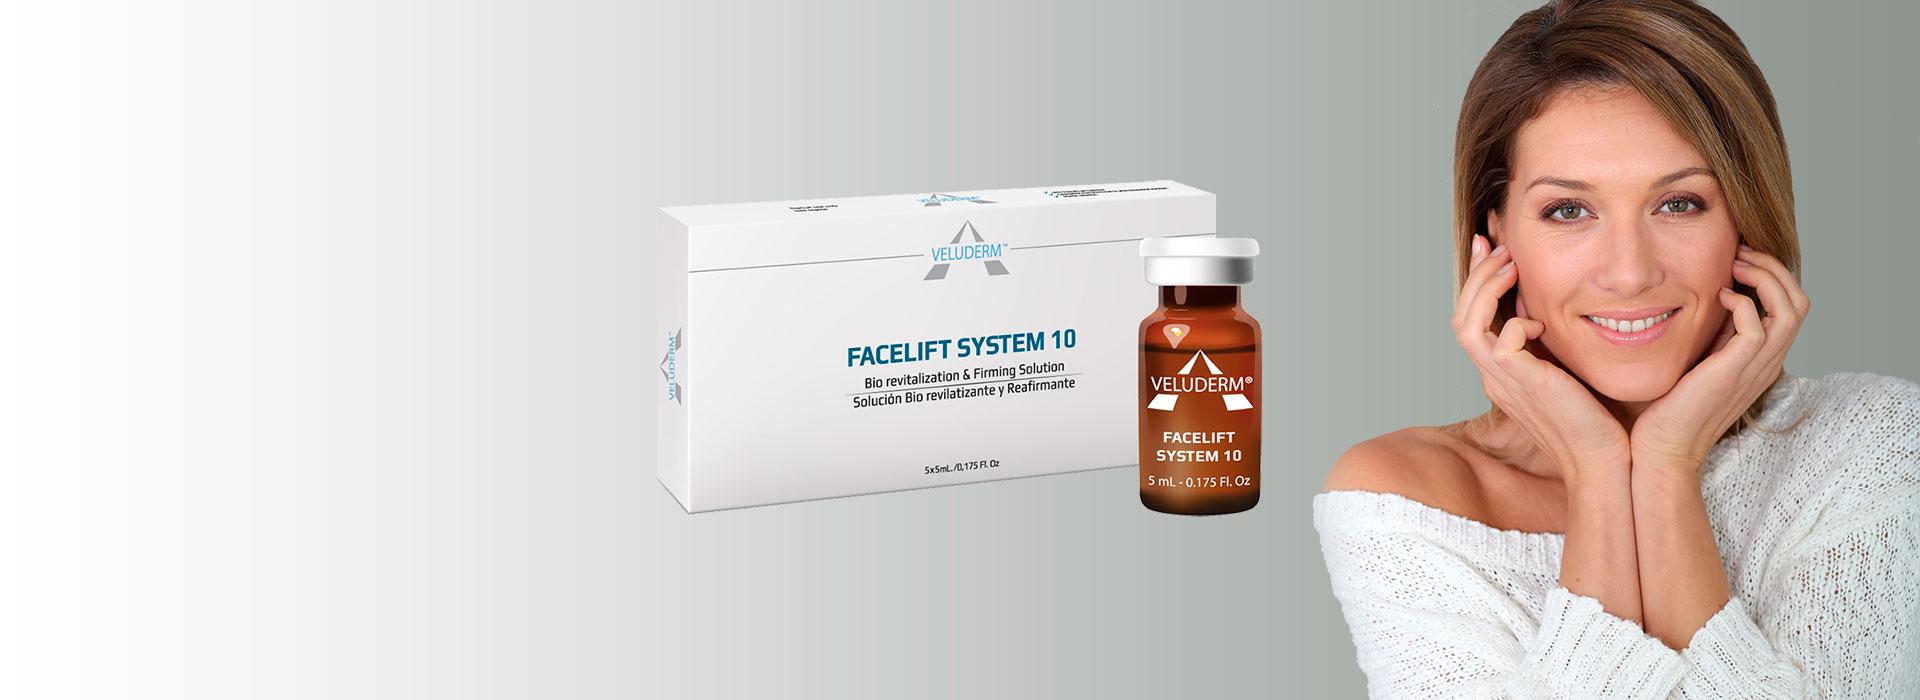 FACELIFT System 10